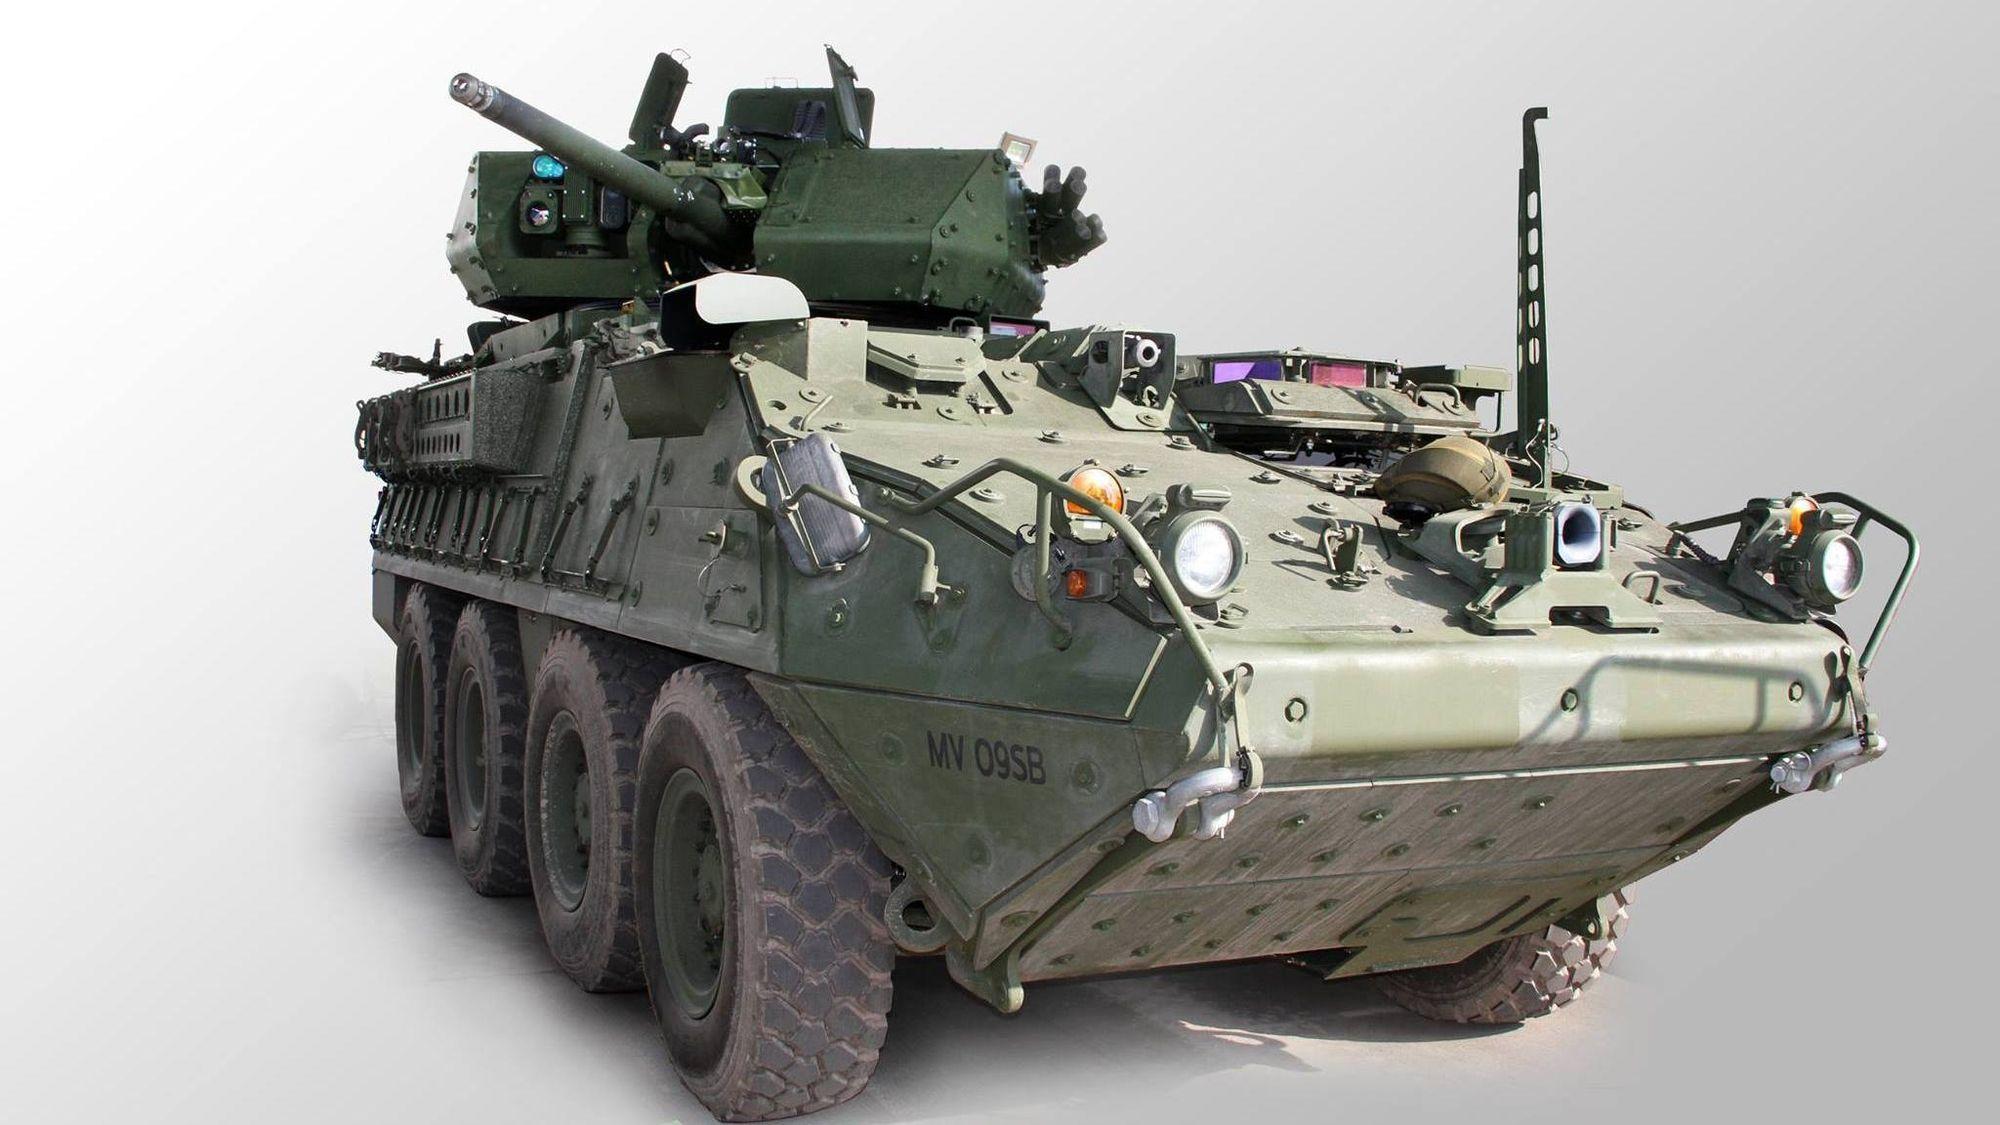 Катар заказал норвежской группе Kongsberg боевые модули для бронетранспортеров VBCI Kongsberg, Protector, бронемашин, вооружения, Nexter, Kongsberggruppen, директор, соглашения, рамках, восьми, Systems, более, Катара, модули, группы, ранее, также, течение, необитаемые, несколько